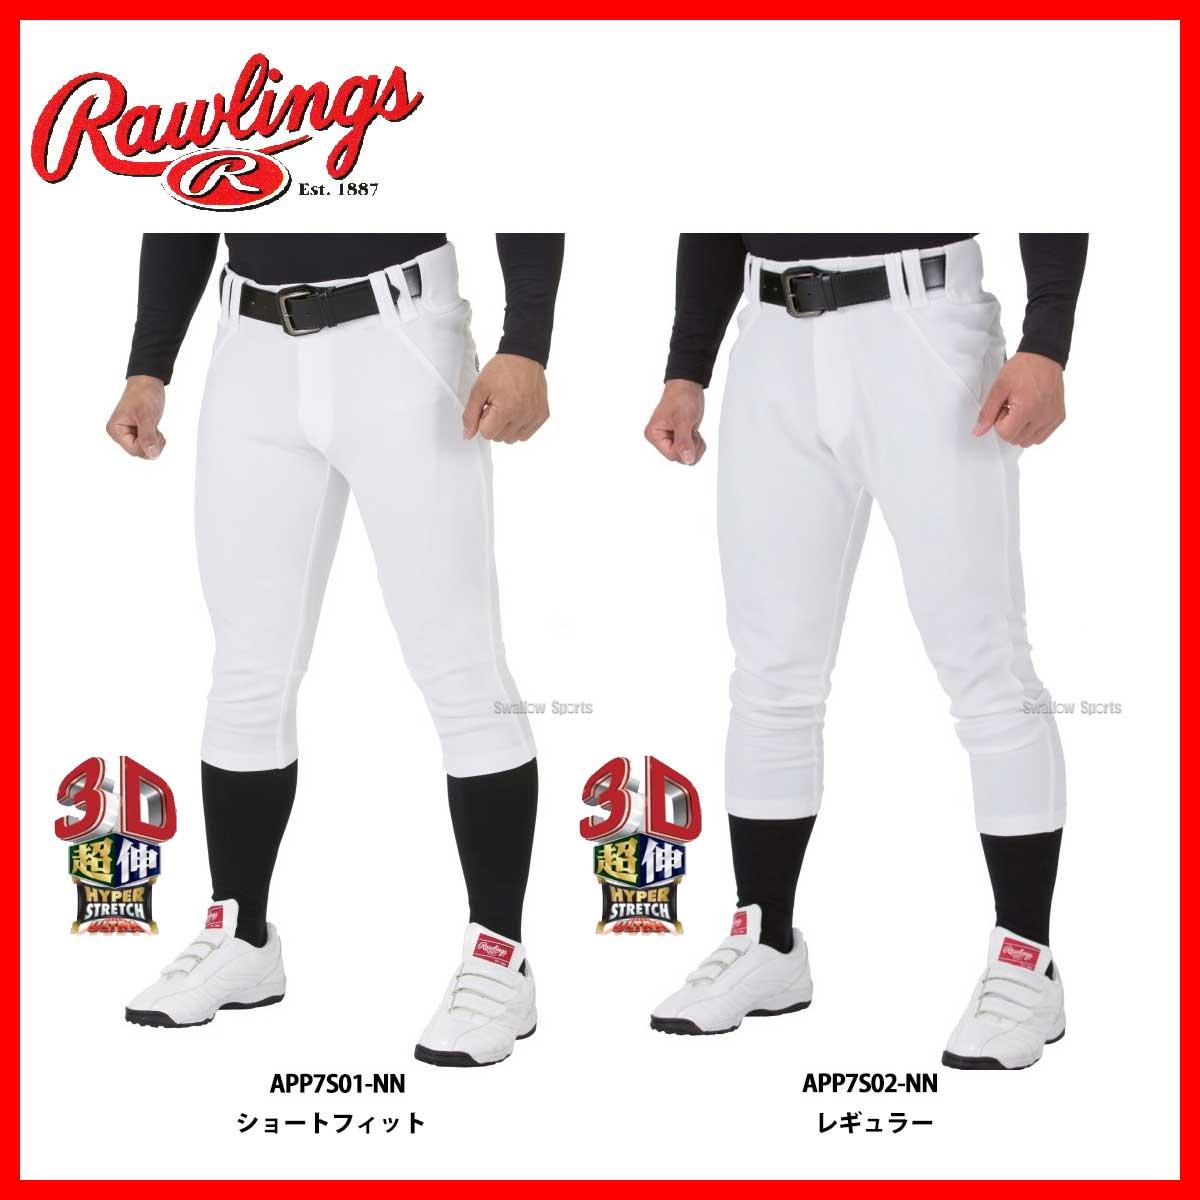 【あす楽対応】 34%OFF 野球 ユニフォームパンツ 公式戦対応 ズボン ローリングス パンツ 3D ウルトラハイパーストレッチ 刺繍マークなし APP7S ウェア ウエア 野球部 野球用品 スワロースポーツ